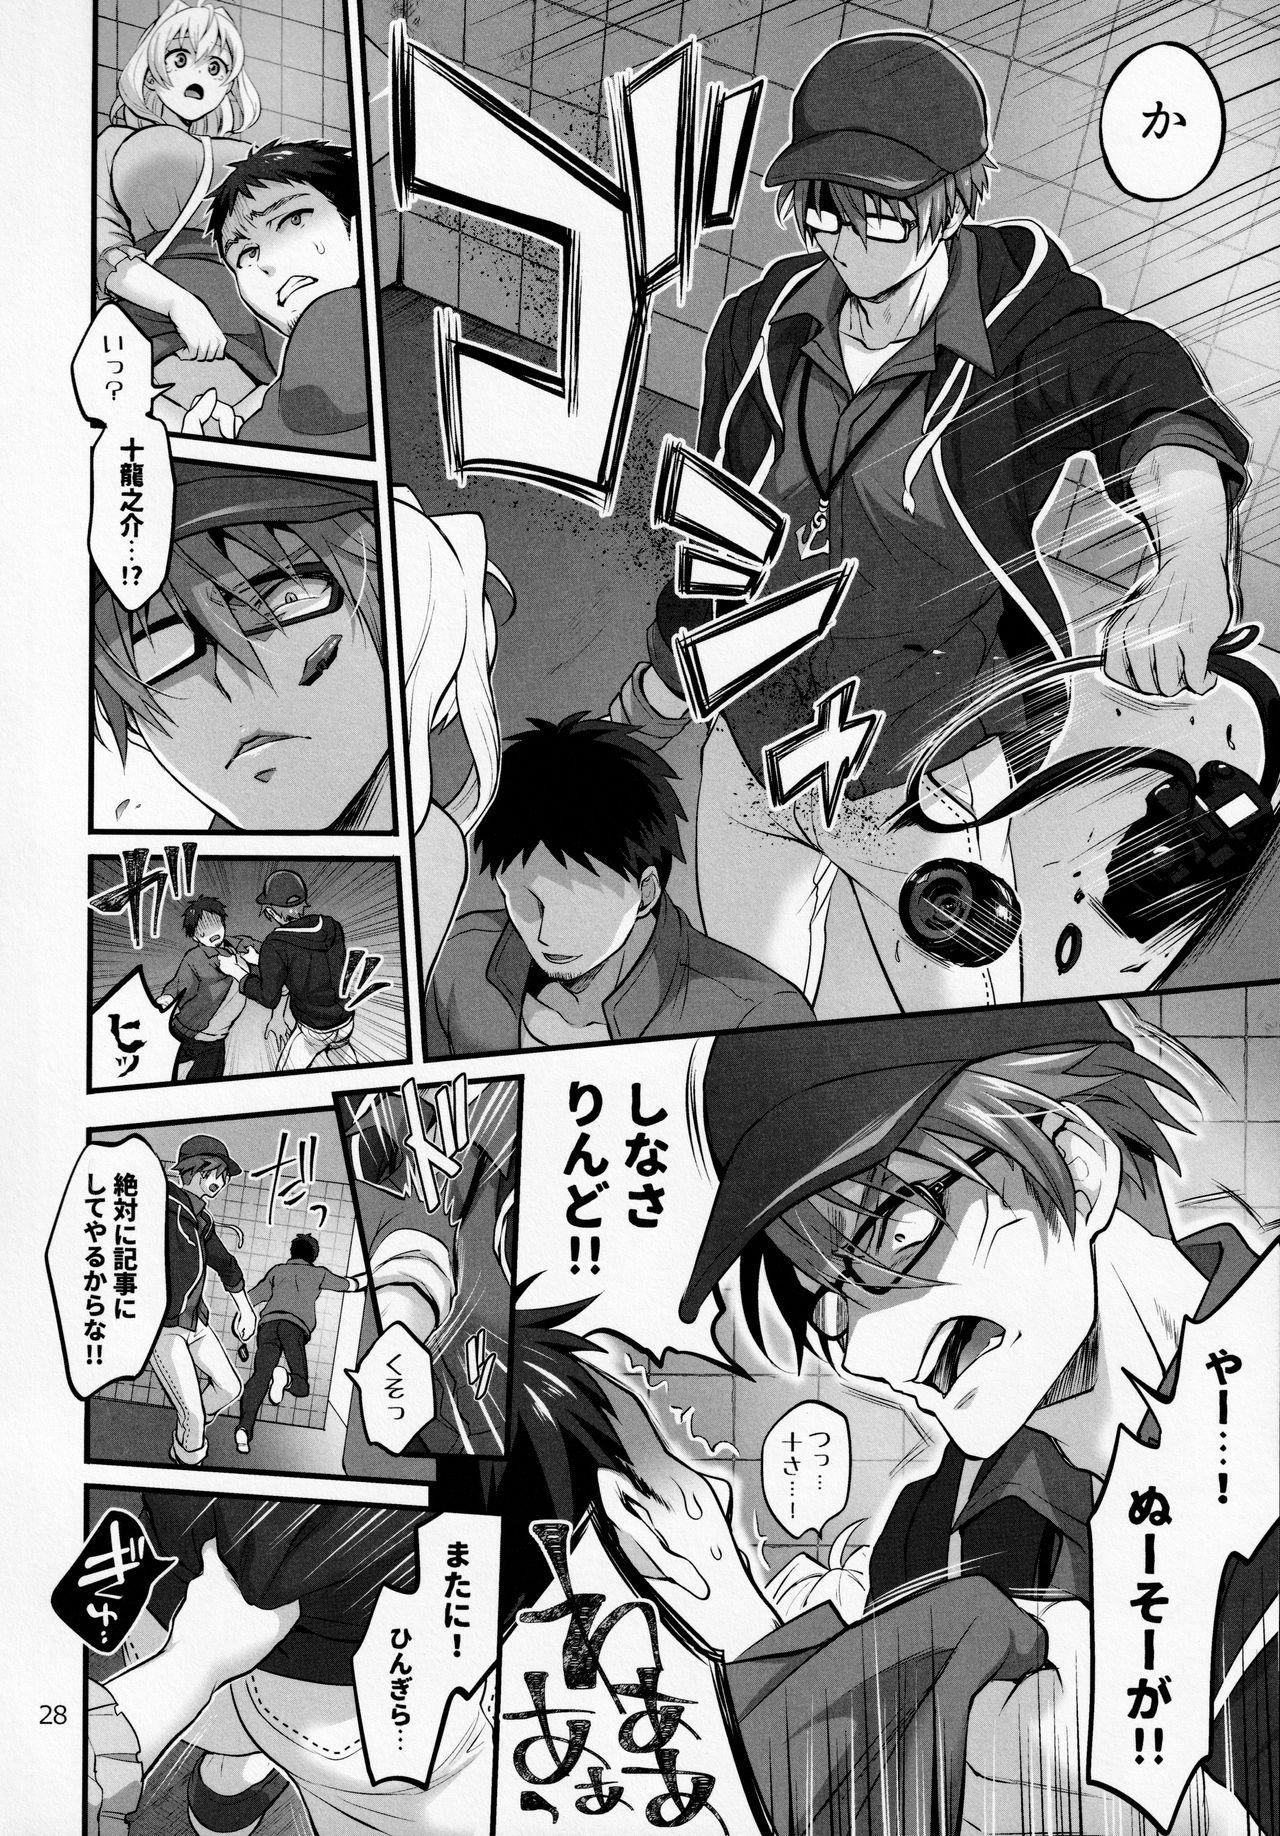 Futanari ni Natte Shimatta Taji Musho Manager no Watashi ga Eroerobiisuto de Wadai no Idol Tsunashi Ryu○suke-san to Himitsu no Shitagi Toreido 26